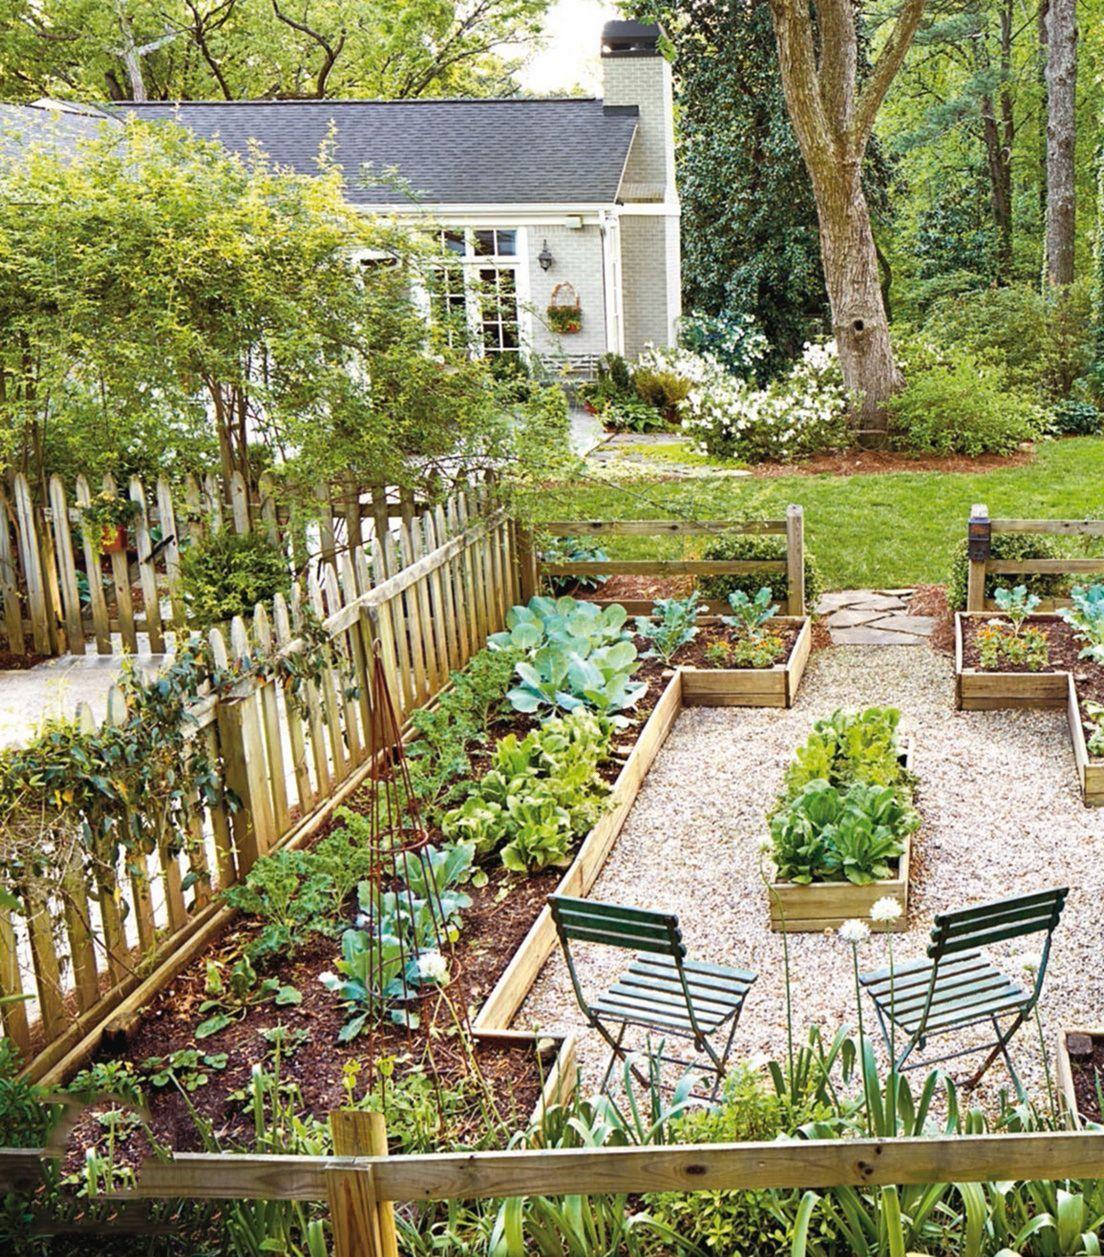 Small Backyard Landscaping Ideas 6 Homely Backyard Garden Design Small Backyard Landscaping Vegetable Garden Design